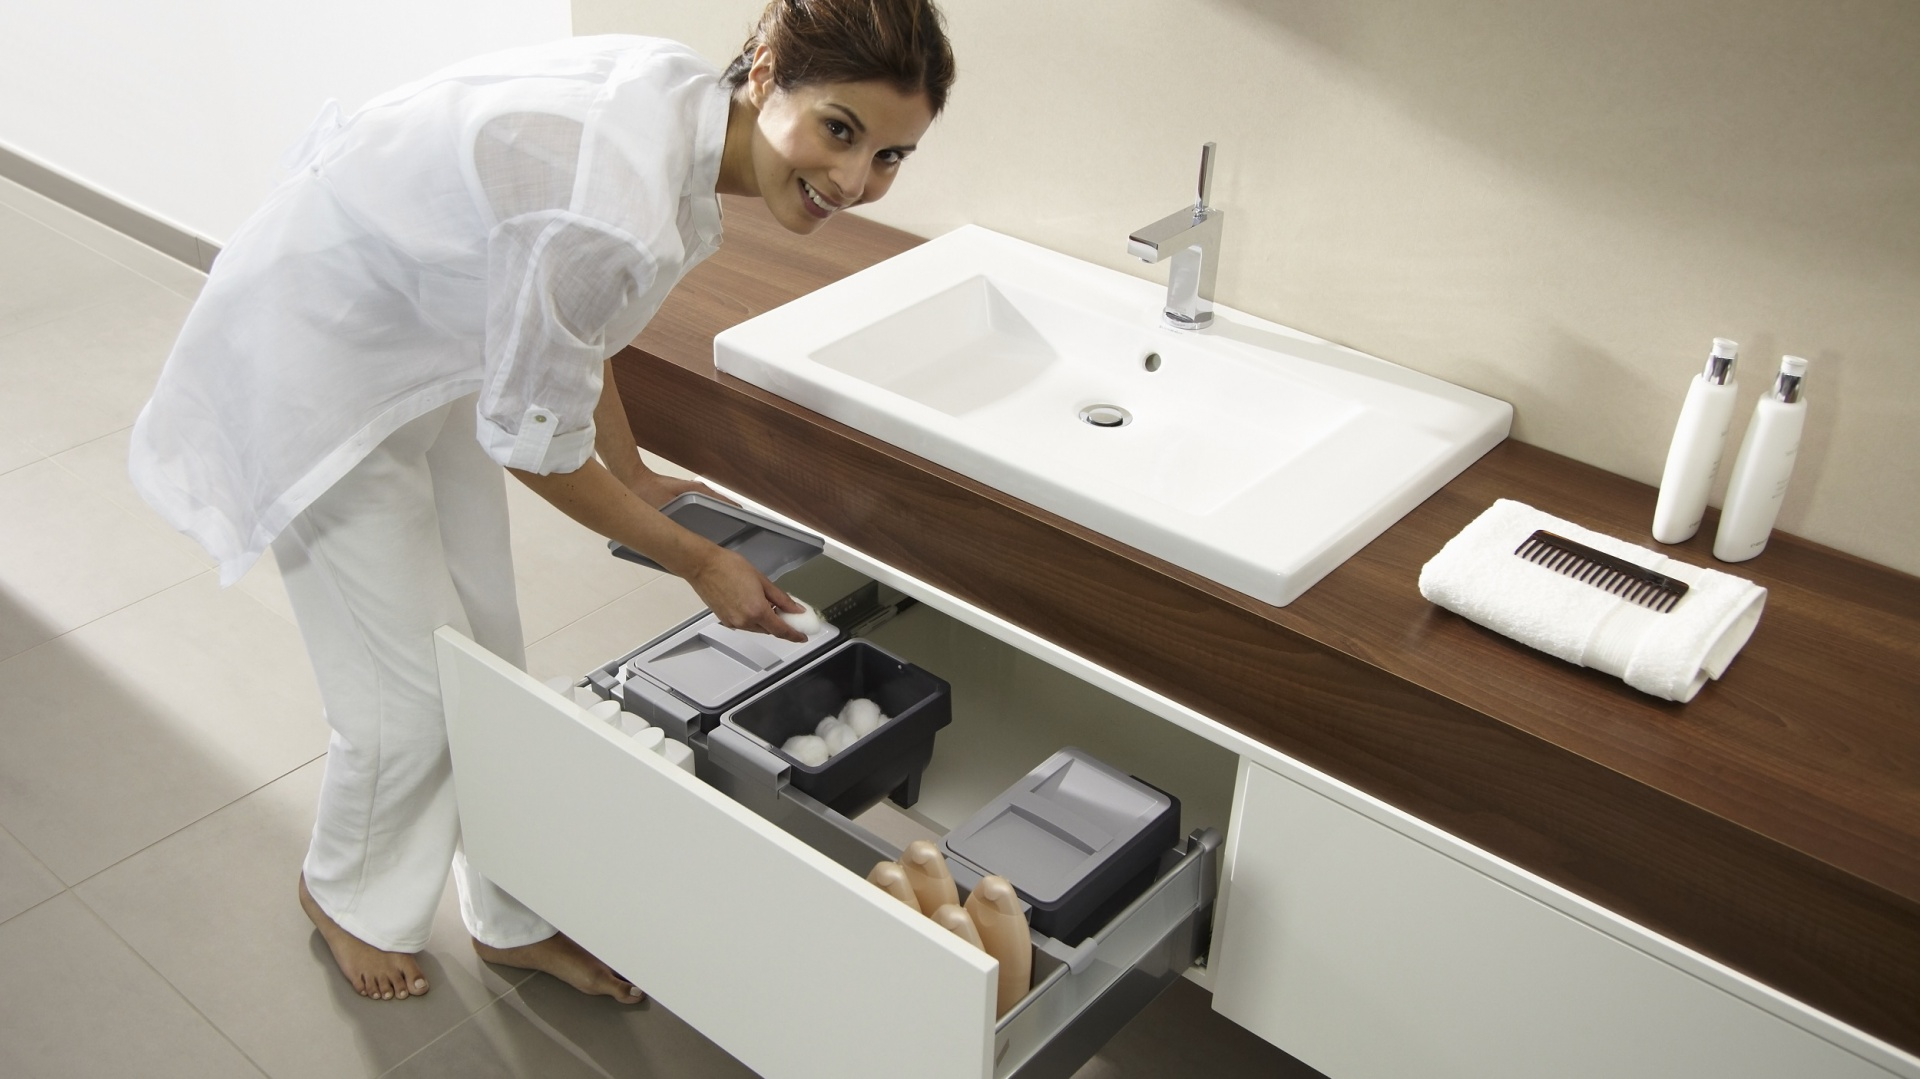 Przechowywanie W łazience Praktyczne Szafki Z Przegródkami